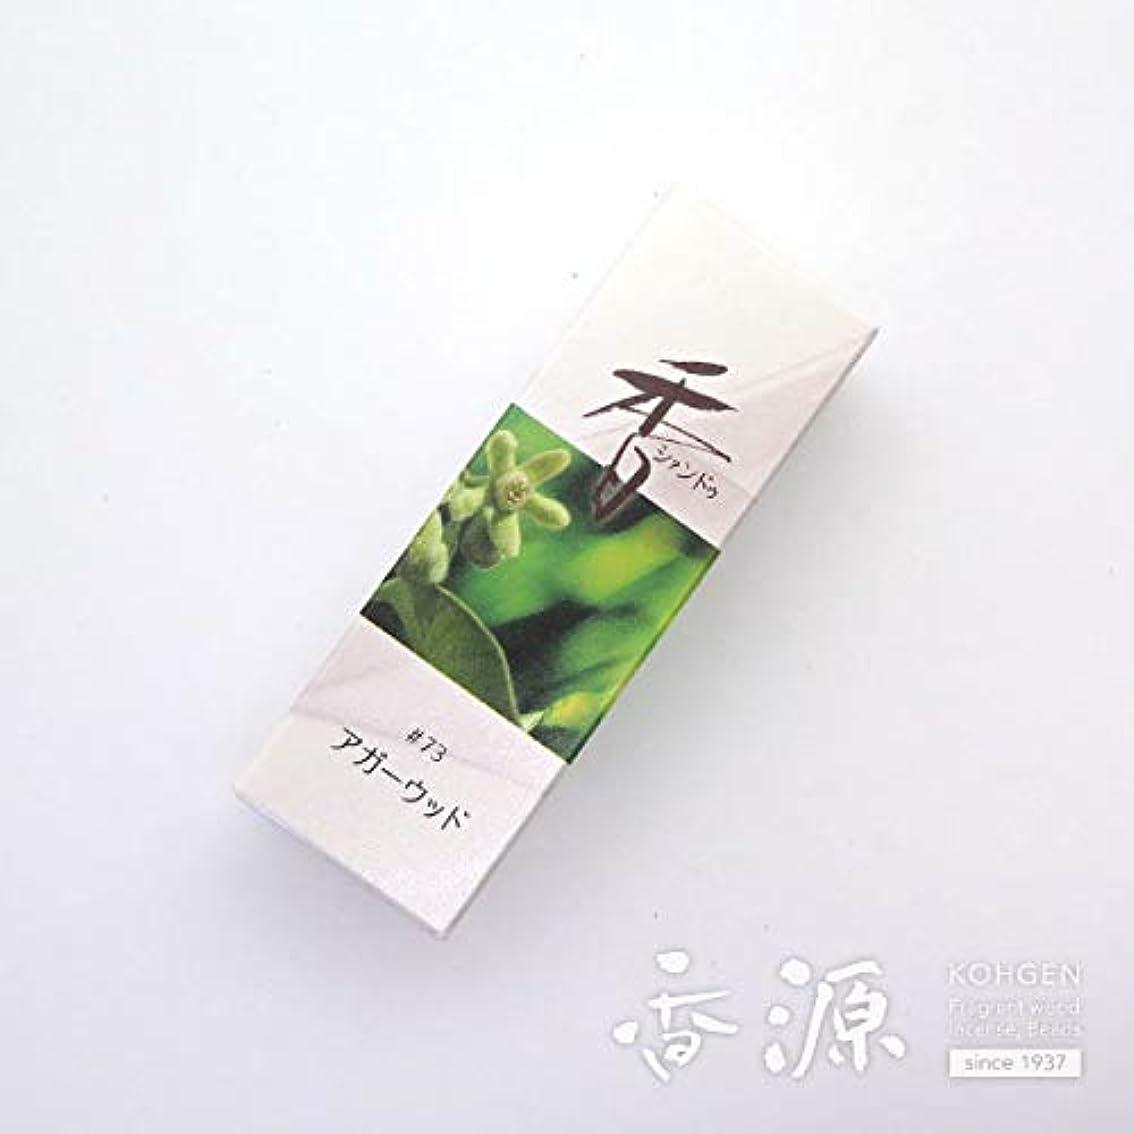 ハリウッドクラウド受け入れる松栄堂のお香 Xiang Do(シャンドゥ) アガーウッド ST20本入 簡易香立付 #214273